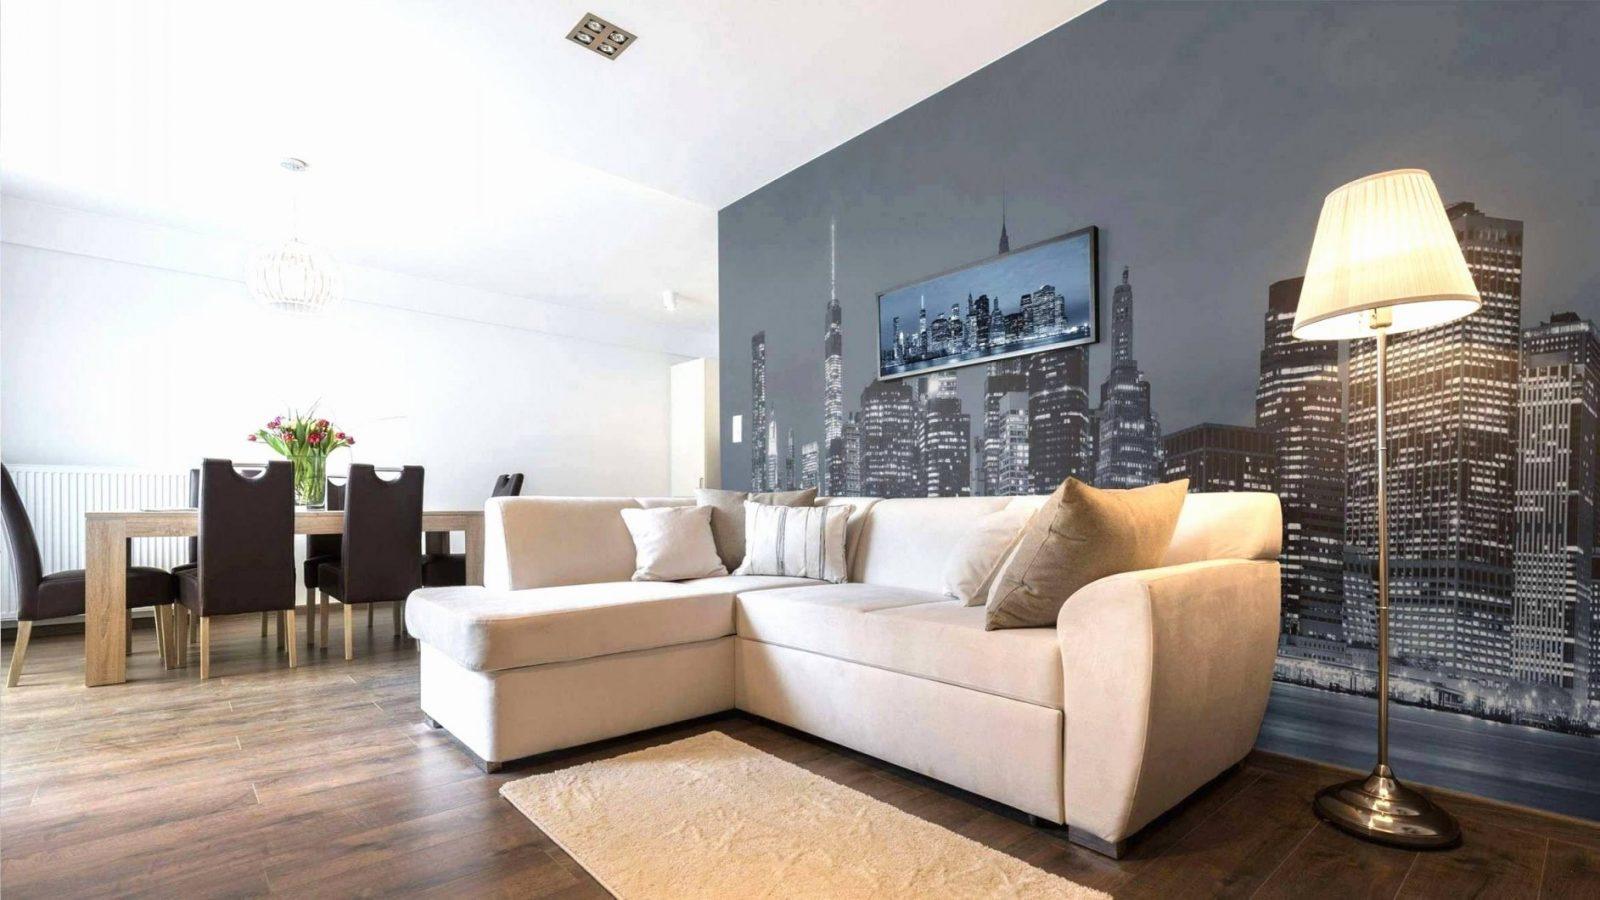 Gardinen Wohnzimmer Kurz Modern Elegant  Wohnzimmer Ideas von Gardinen Modern Wohnzimmer Braun Photo